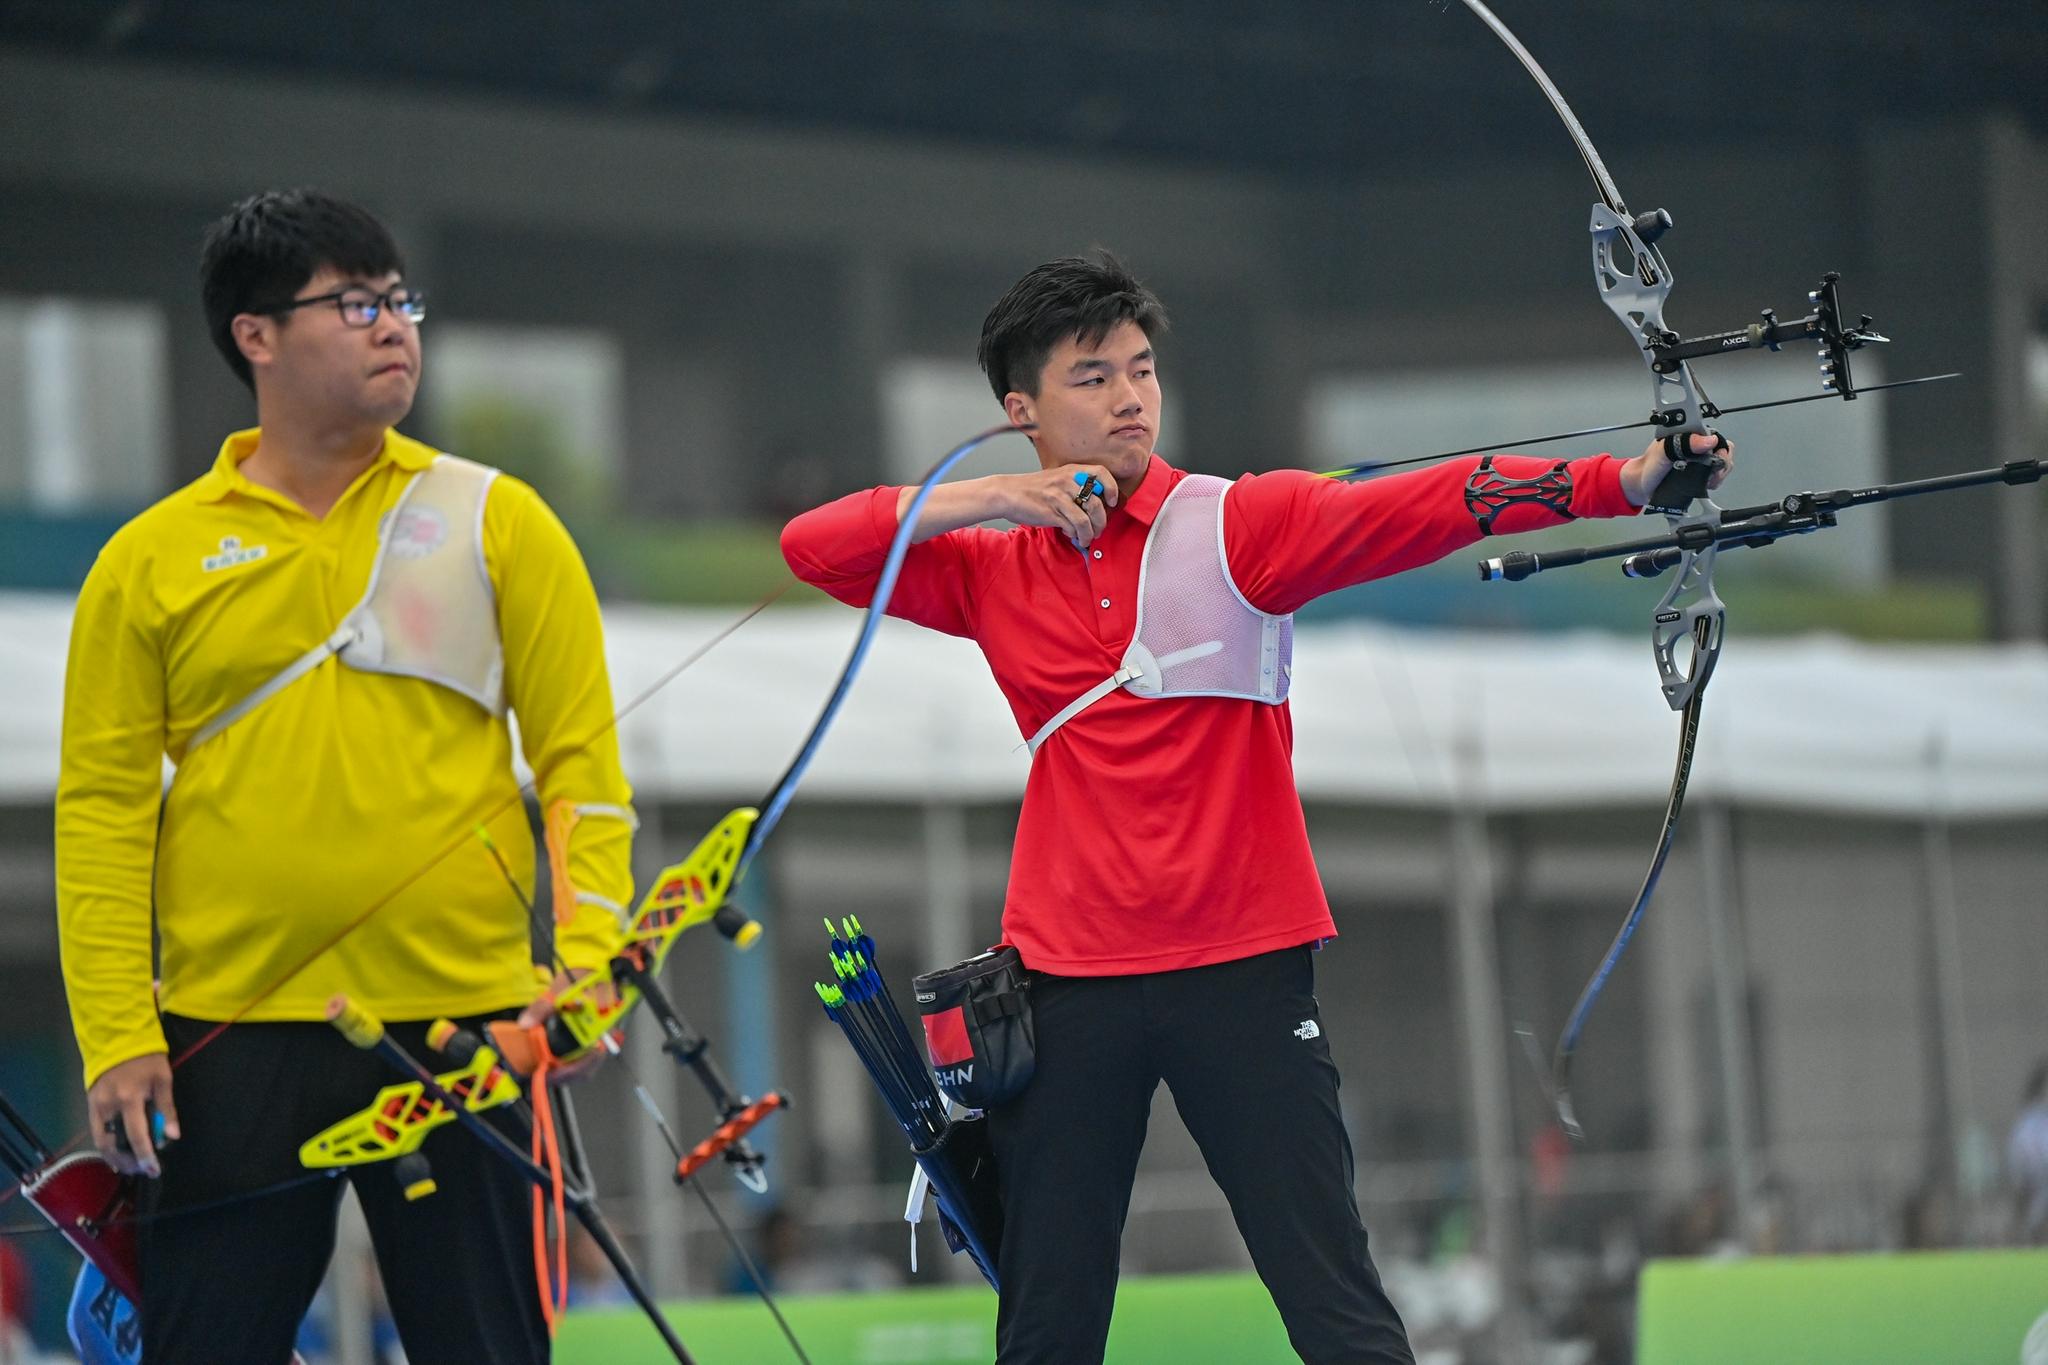 射箭——男子反曲弓个人决赛:吉林队选手魏绍轩夺冠